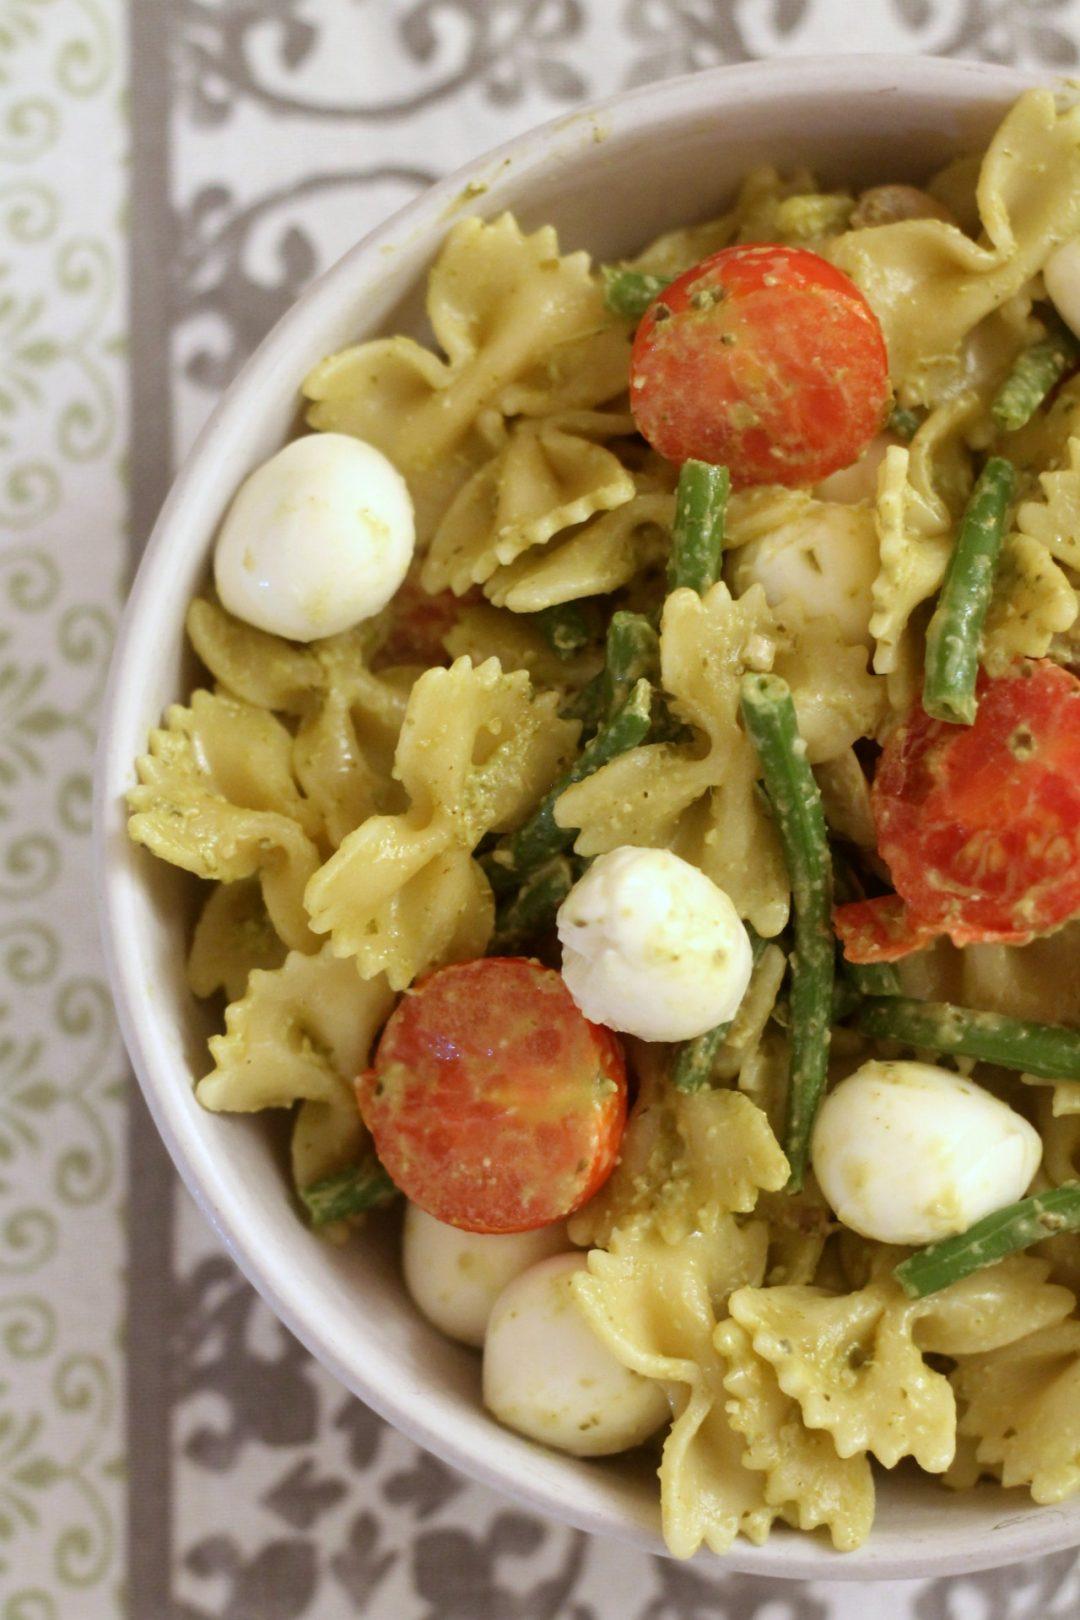 insalata-di-farfalle-al-pesto-con-verdure-e-mozzarelline